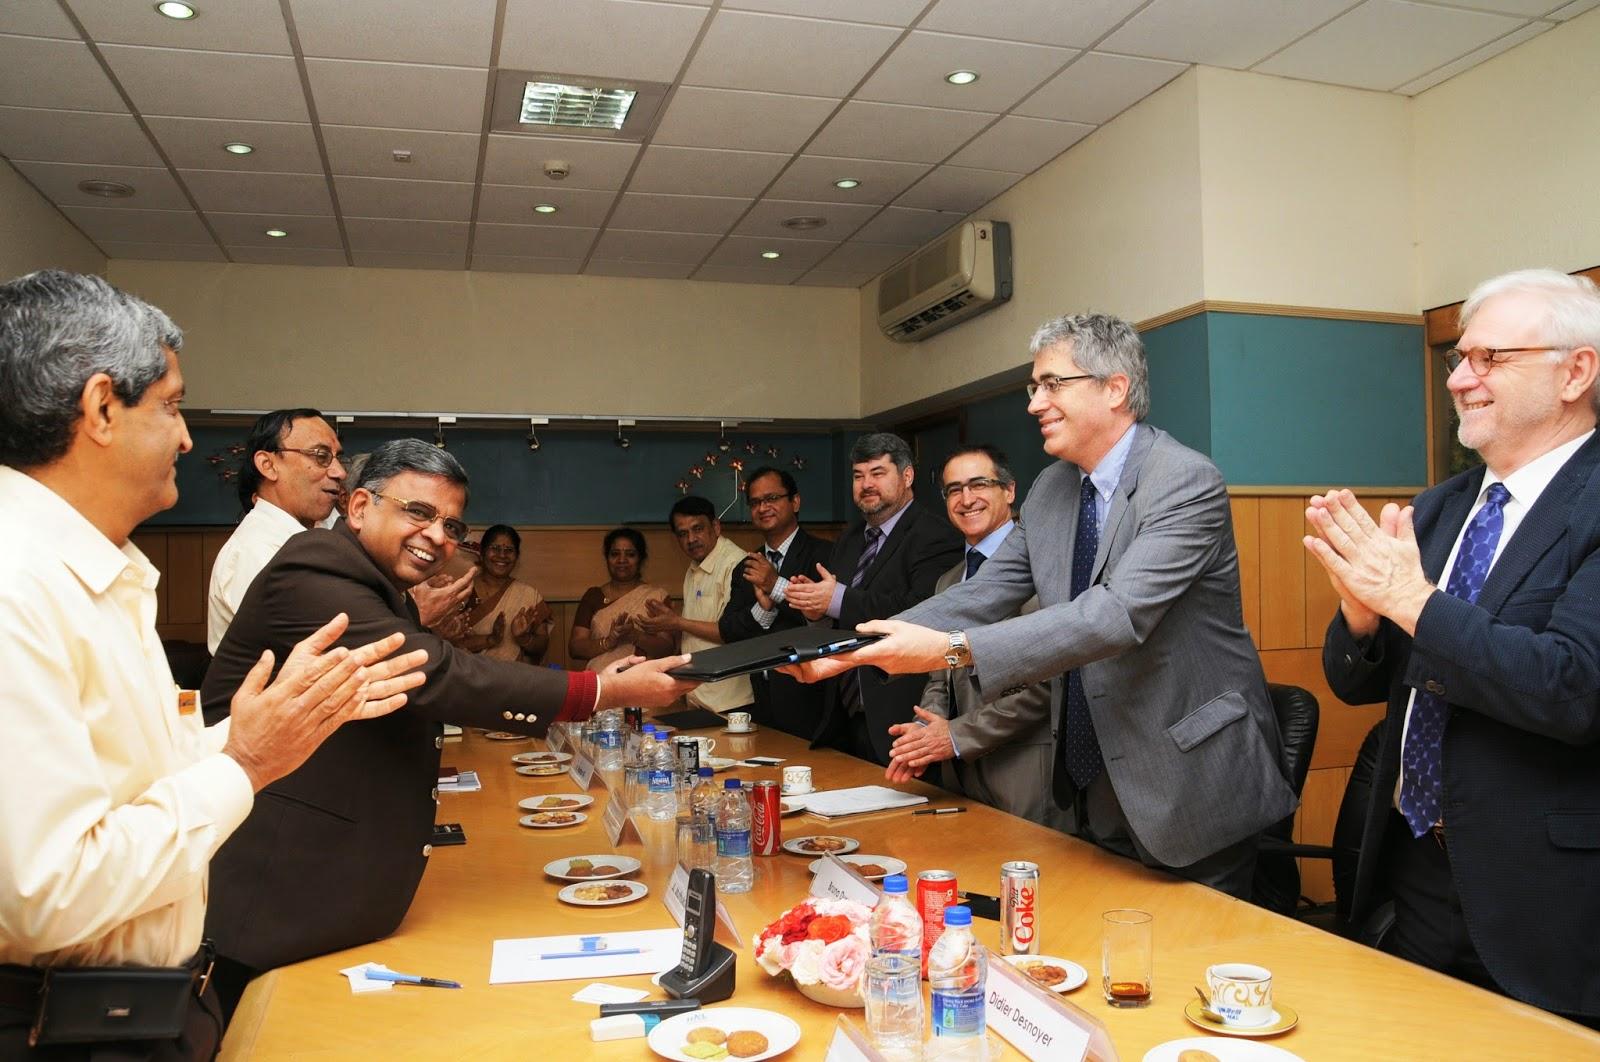 Avancée majeure en Inde pour le Rafale : SNECMA et HAL s'accordent pour créer une joint-venture pour produire des pièces du moteur M-88